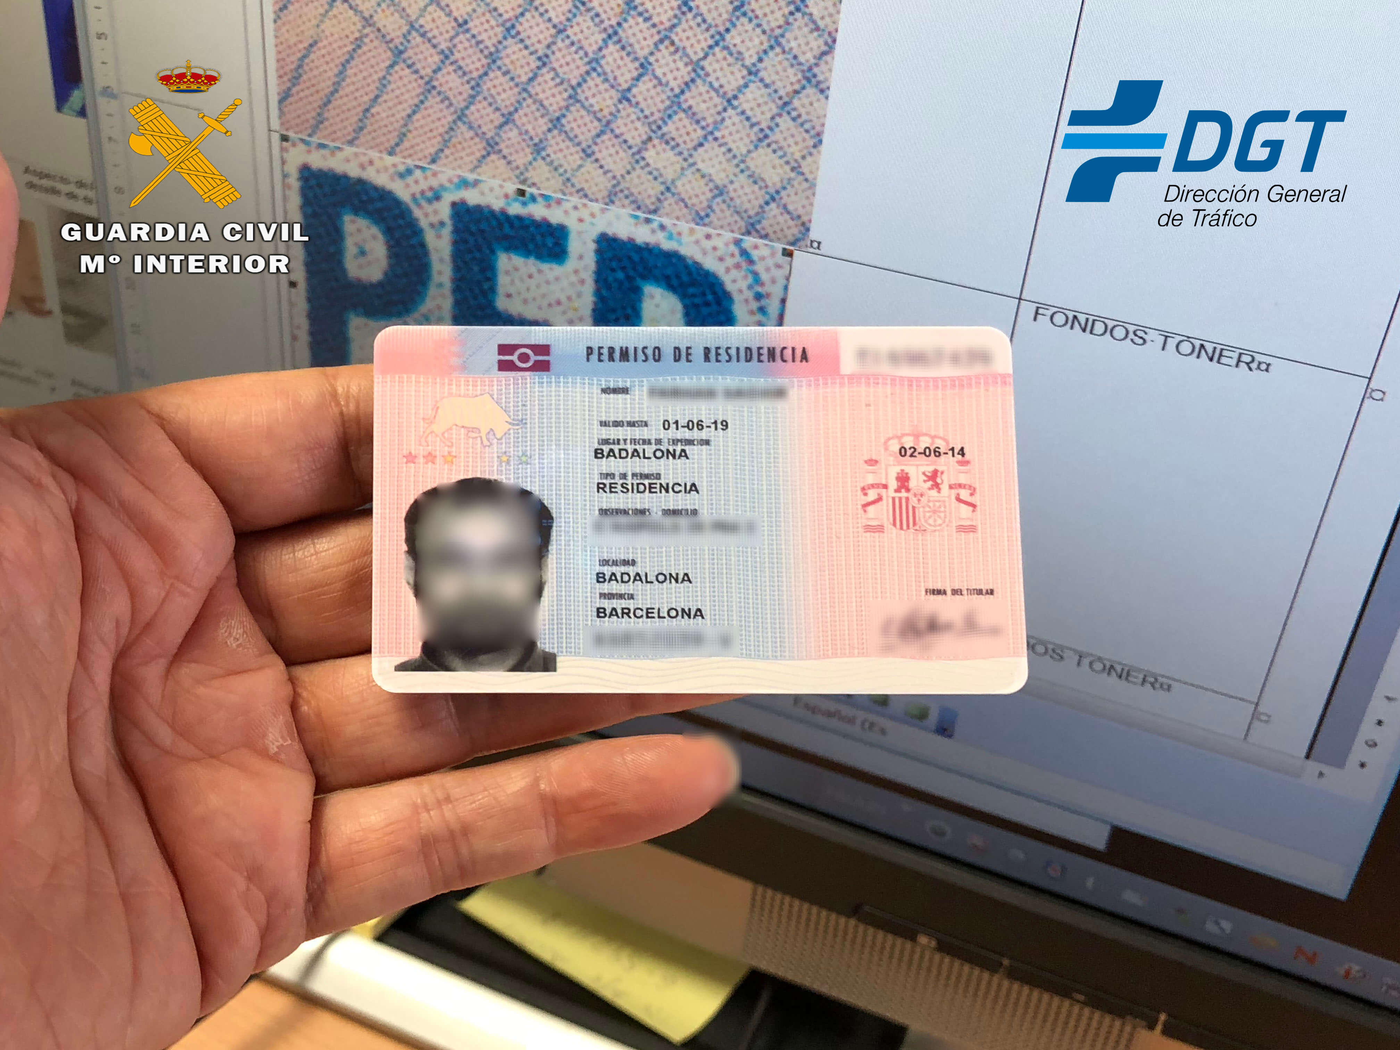 La Guardia Civil detiene a dos personas por suplantar la identidad de otras dos en el examen del permiso de conducir 1